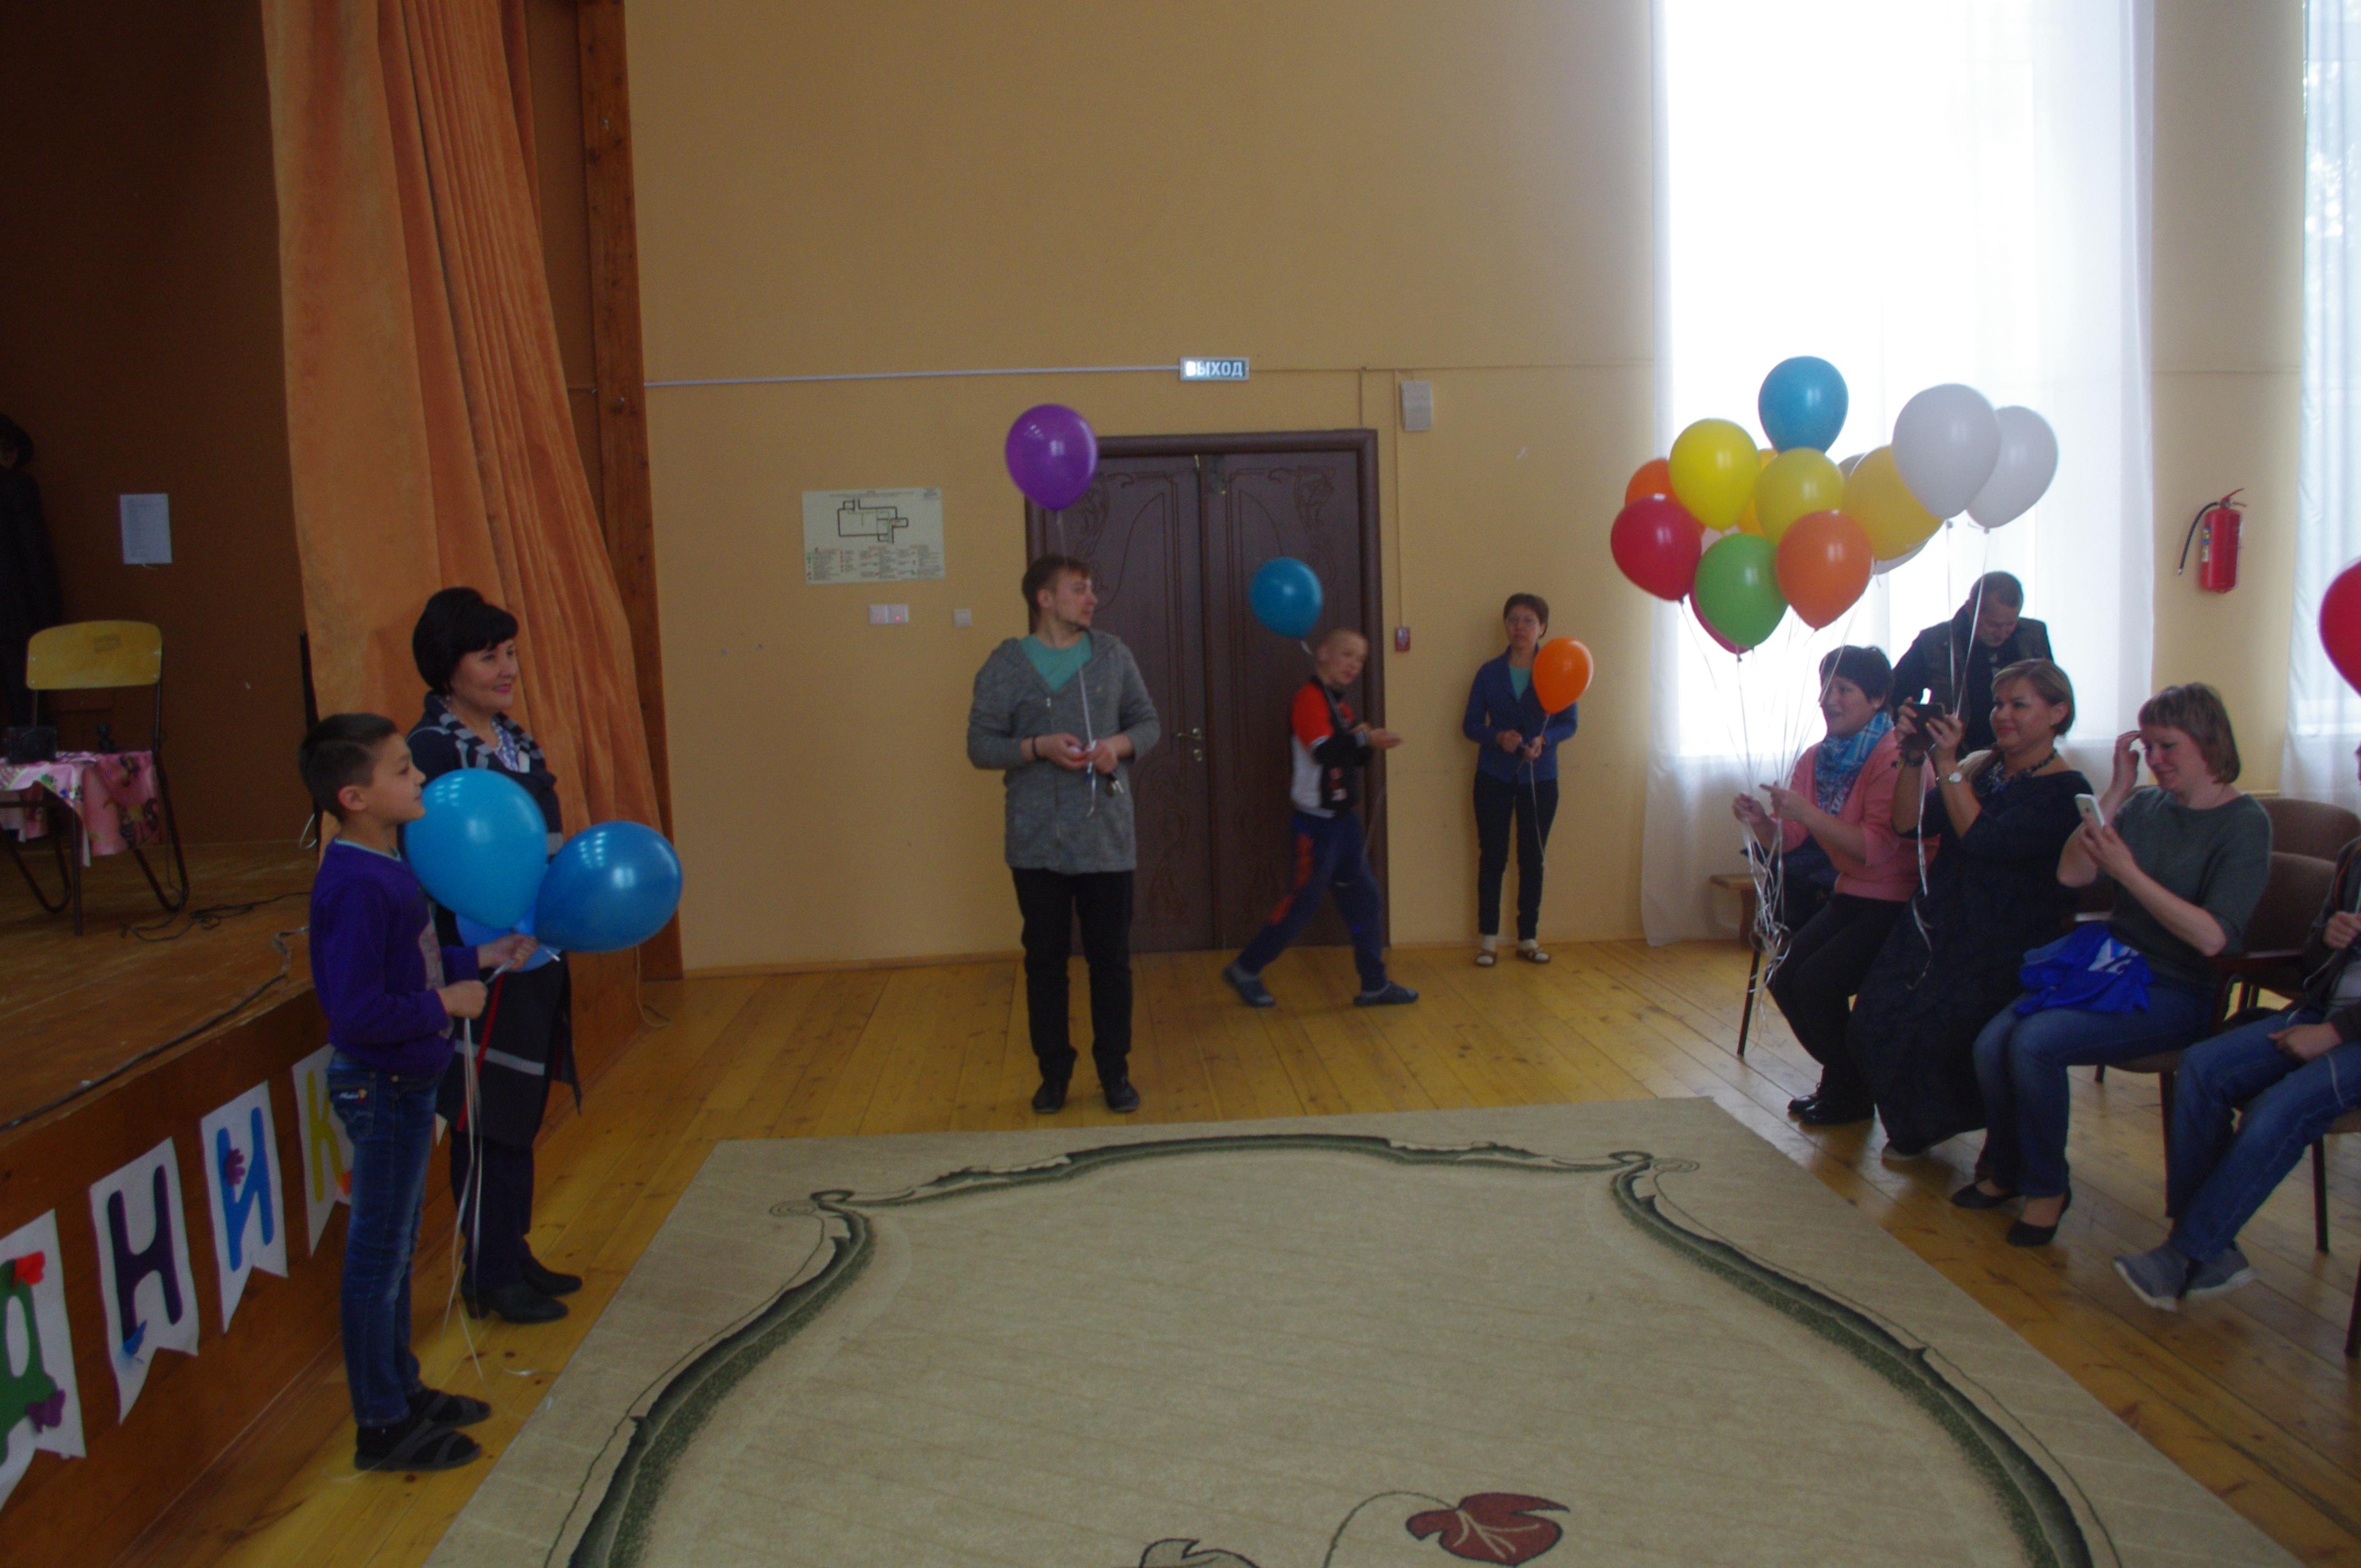 30 мая 2017 г. в преддверии Международного дня защиты детей выступили с социальной инициативой ГБУ Башкирский республиканский детский дом №1 им. Шагита  Худайбердина